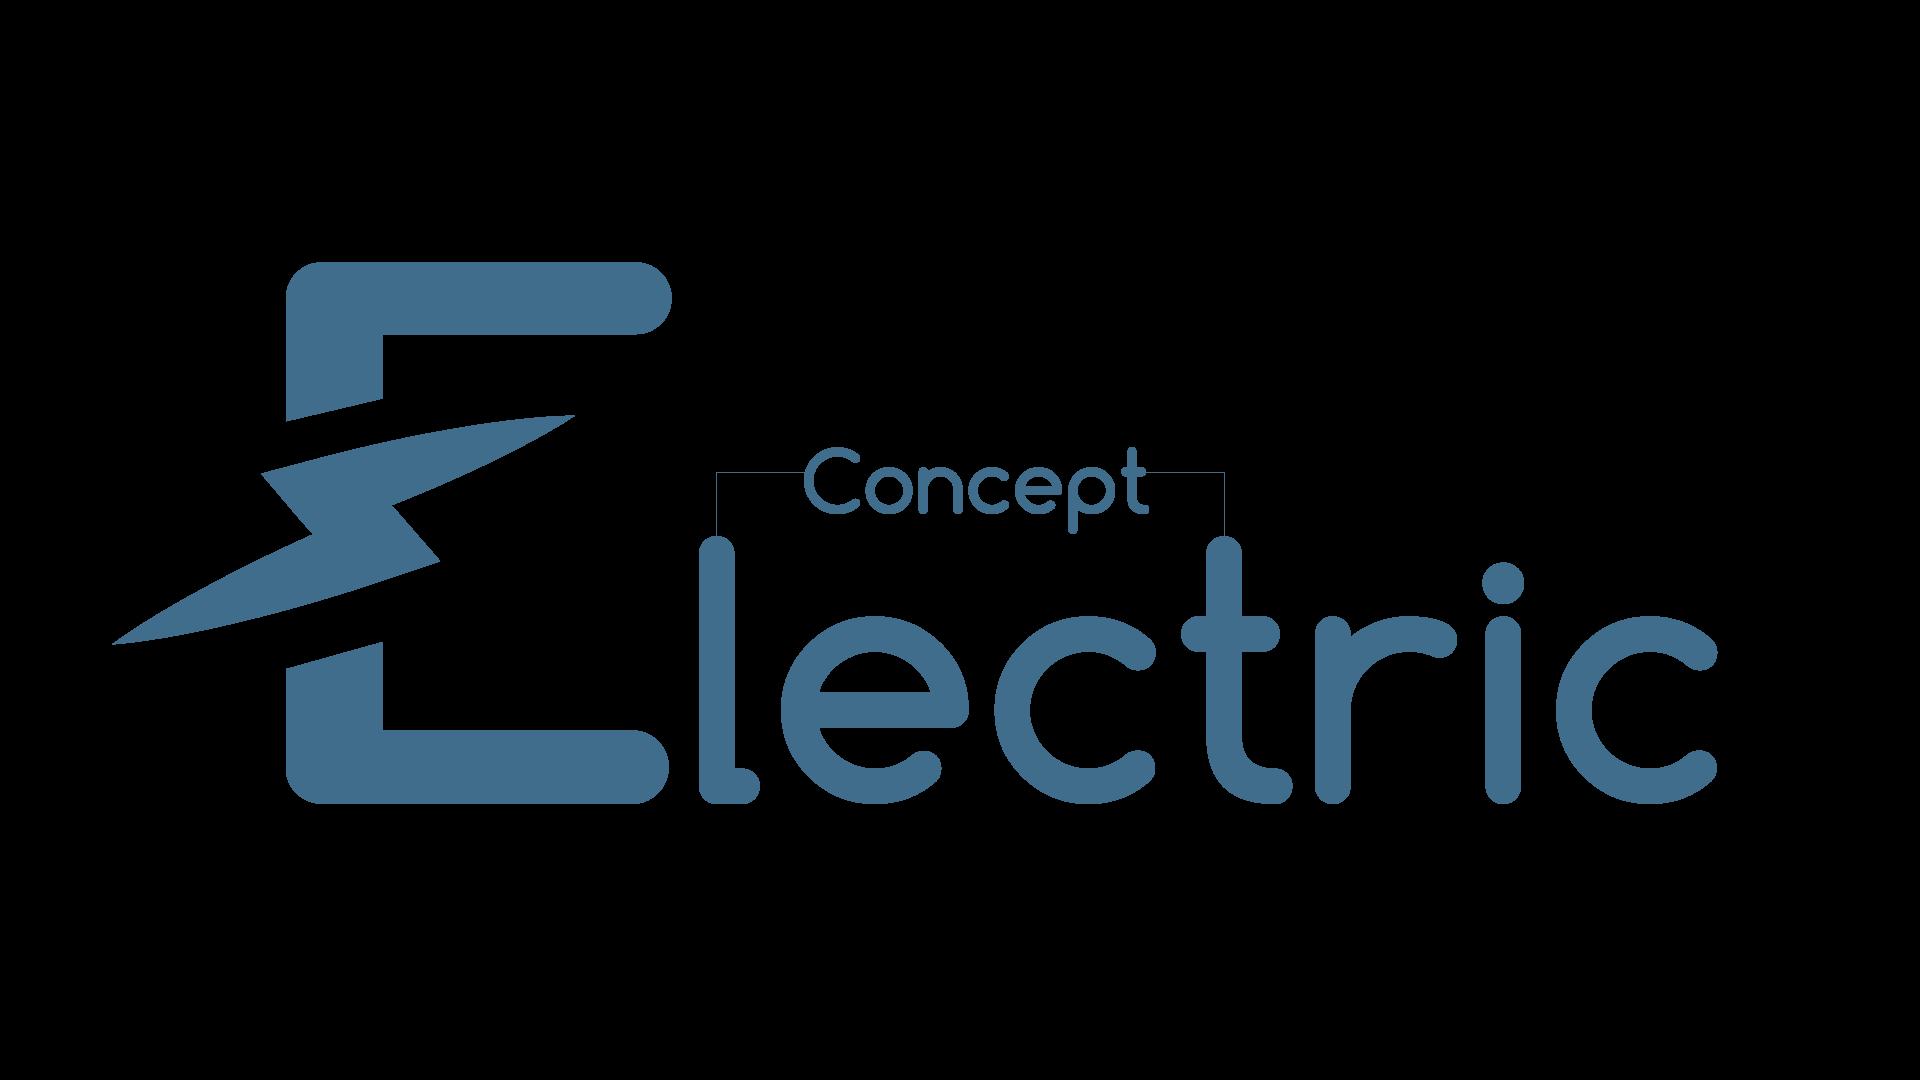 electric-concept logo